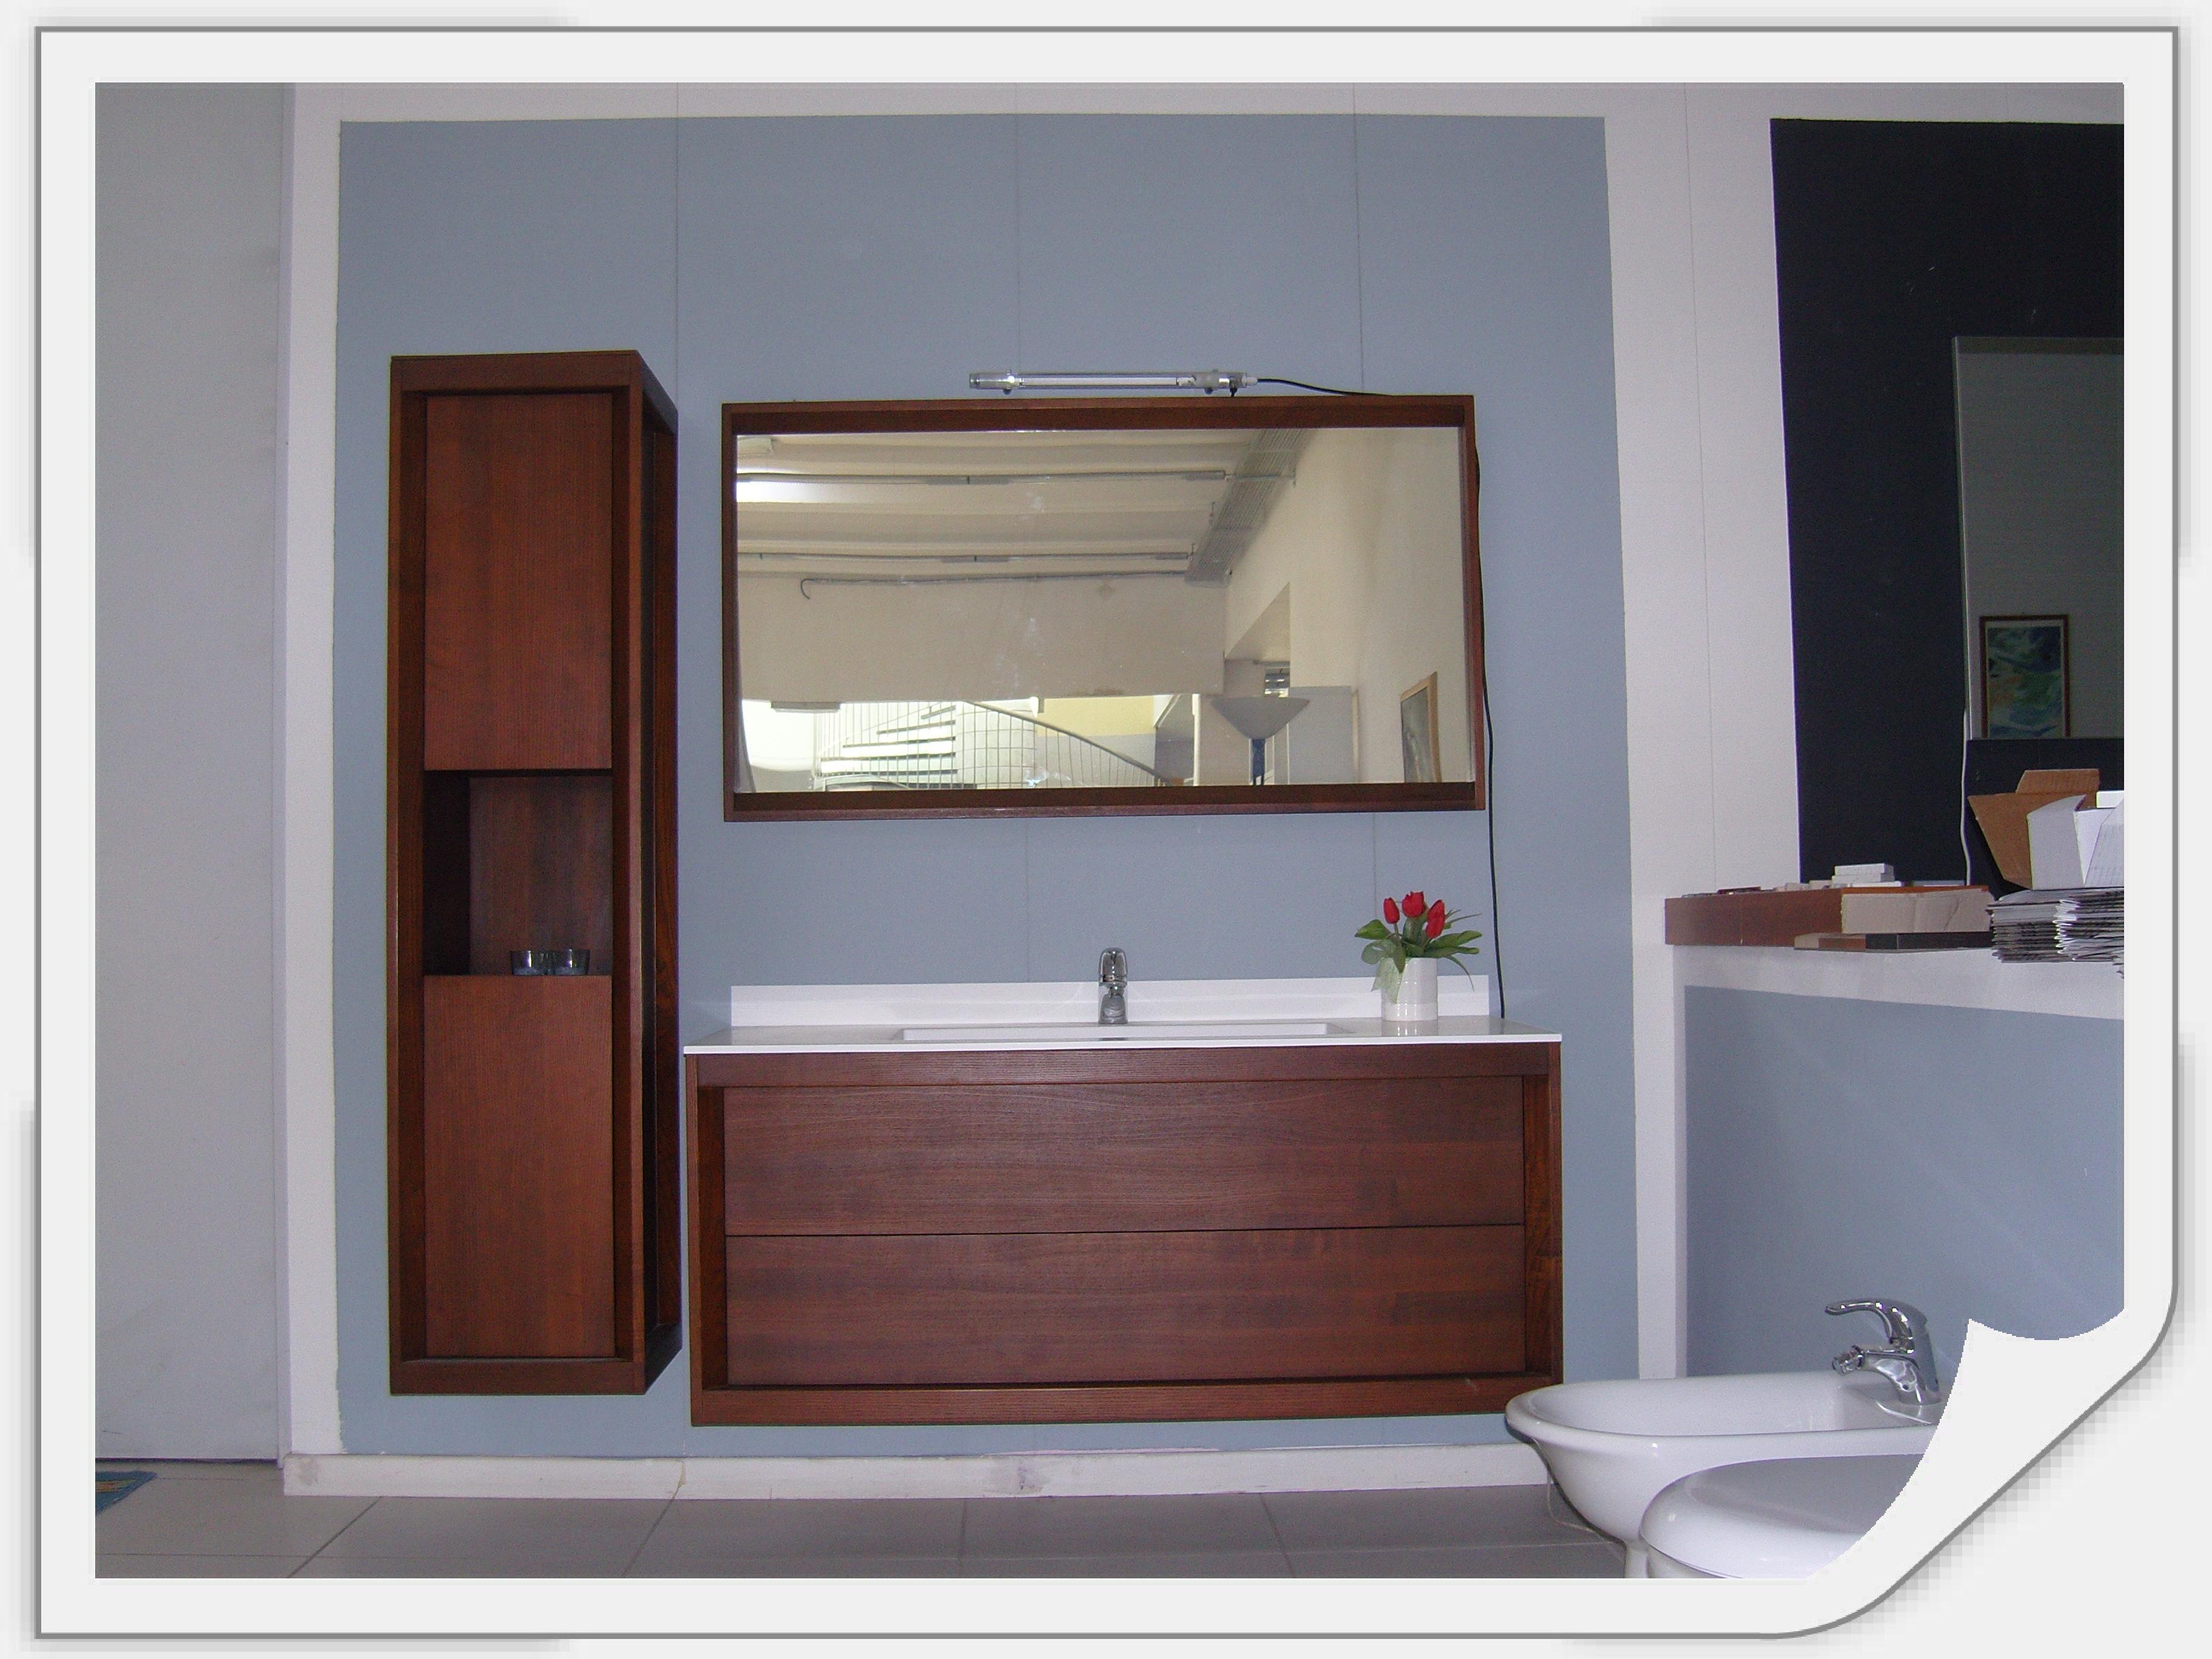 Dogi bagno legno massello scontato del 60 arredo bagno a prezzi scontati - Lavabo bagno prezzi ...